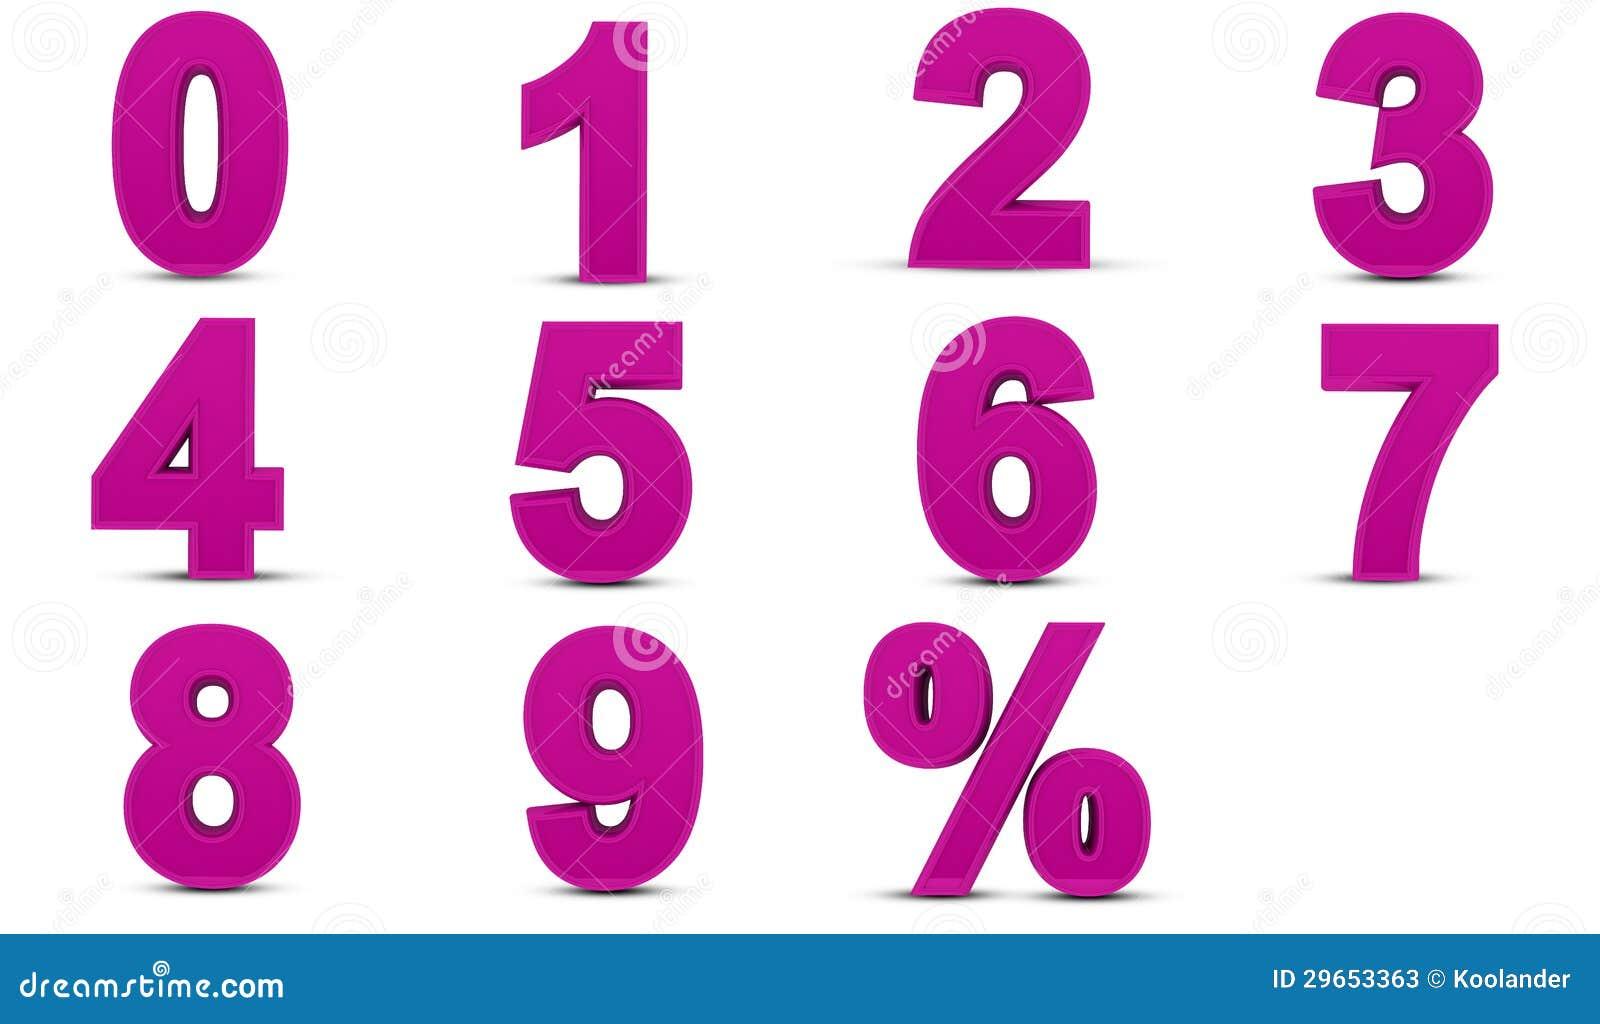 Numeri tridimensionali illustrazione di stock for Immagini tridimensionali gratis